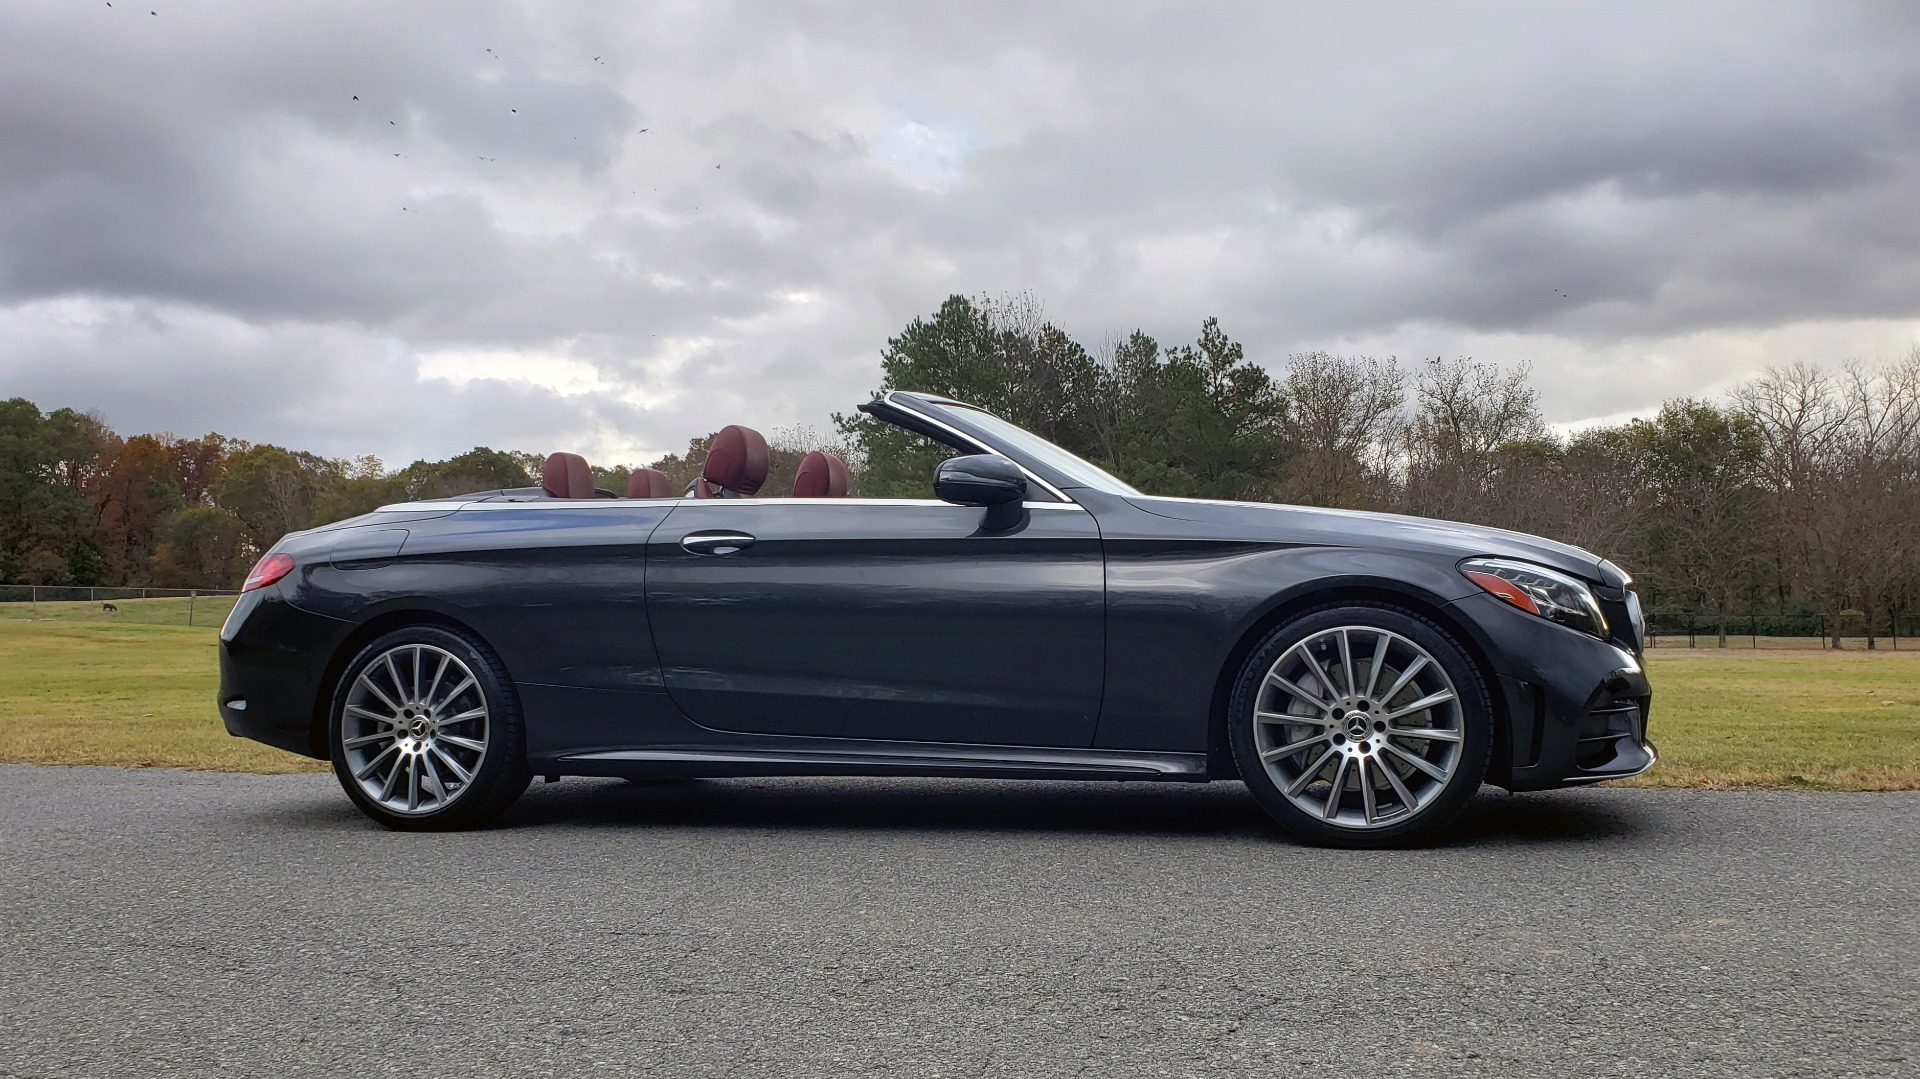 Used 2019 Mercedes-Benz C-CLASS C 300 CABRIOLET / PREM PKG / NAV / BURMESTER / MULTIMEDIA for sale Sold at Formula Imports in Charlotte NC 28227 14